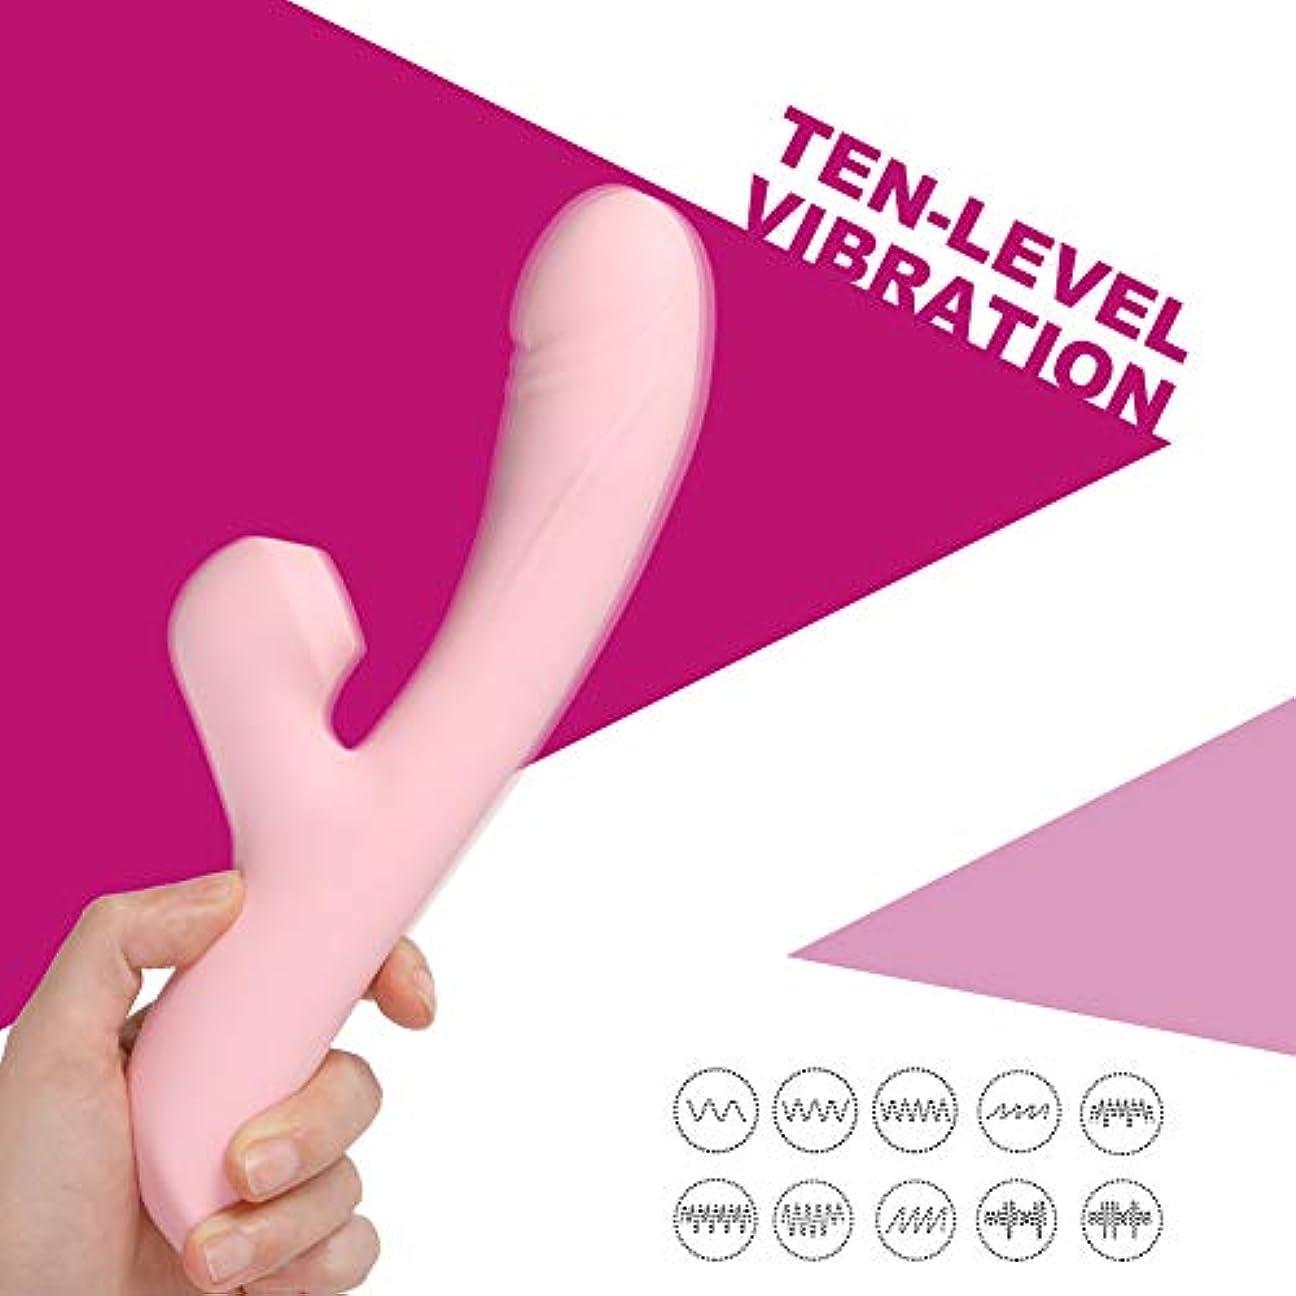 住人ランデブー転用おもちゃ オーガニック オイル 全身 人気 バイブレーター 加熱機能 潮吹き 女性 Gスポット 女性マッサージ器 アダルトグッズ (ピンク色)